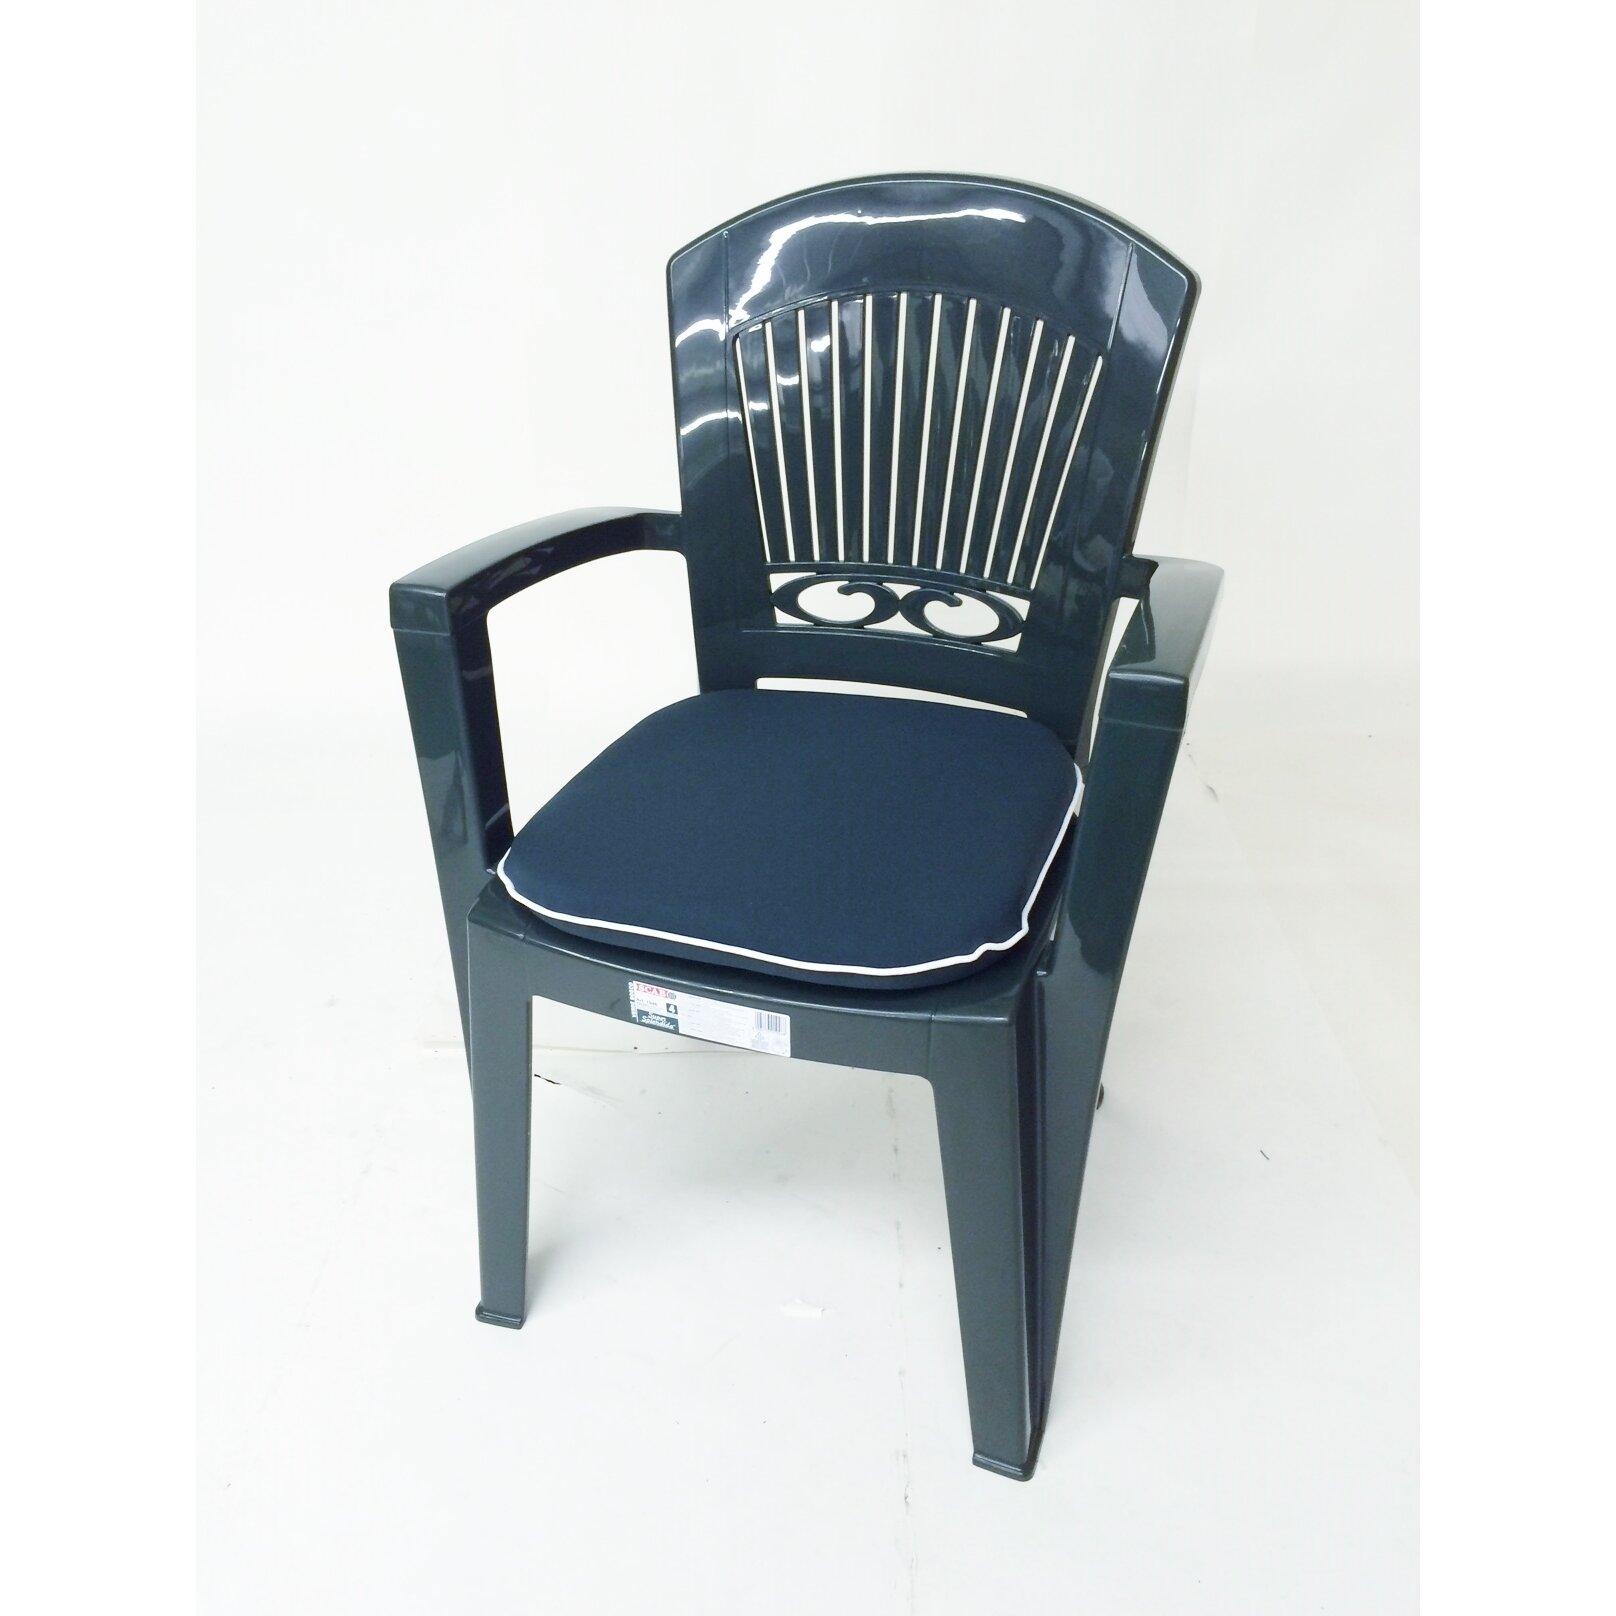 Swift Garden Furniture Armchair Cushion & Reviews | Wayfair UK